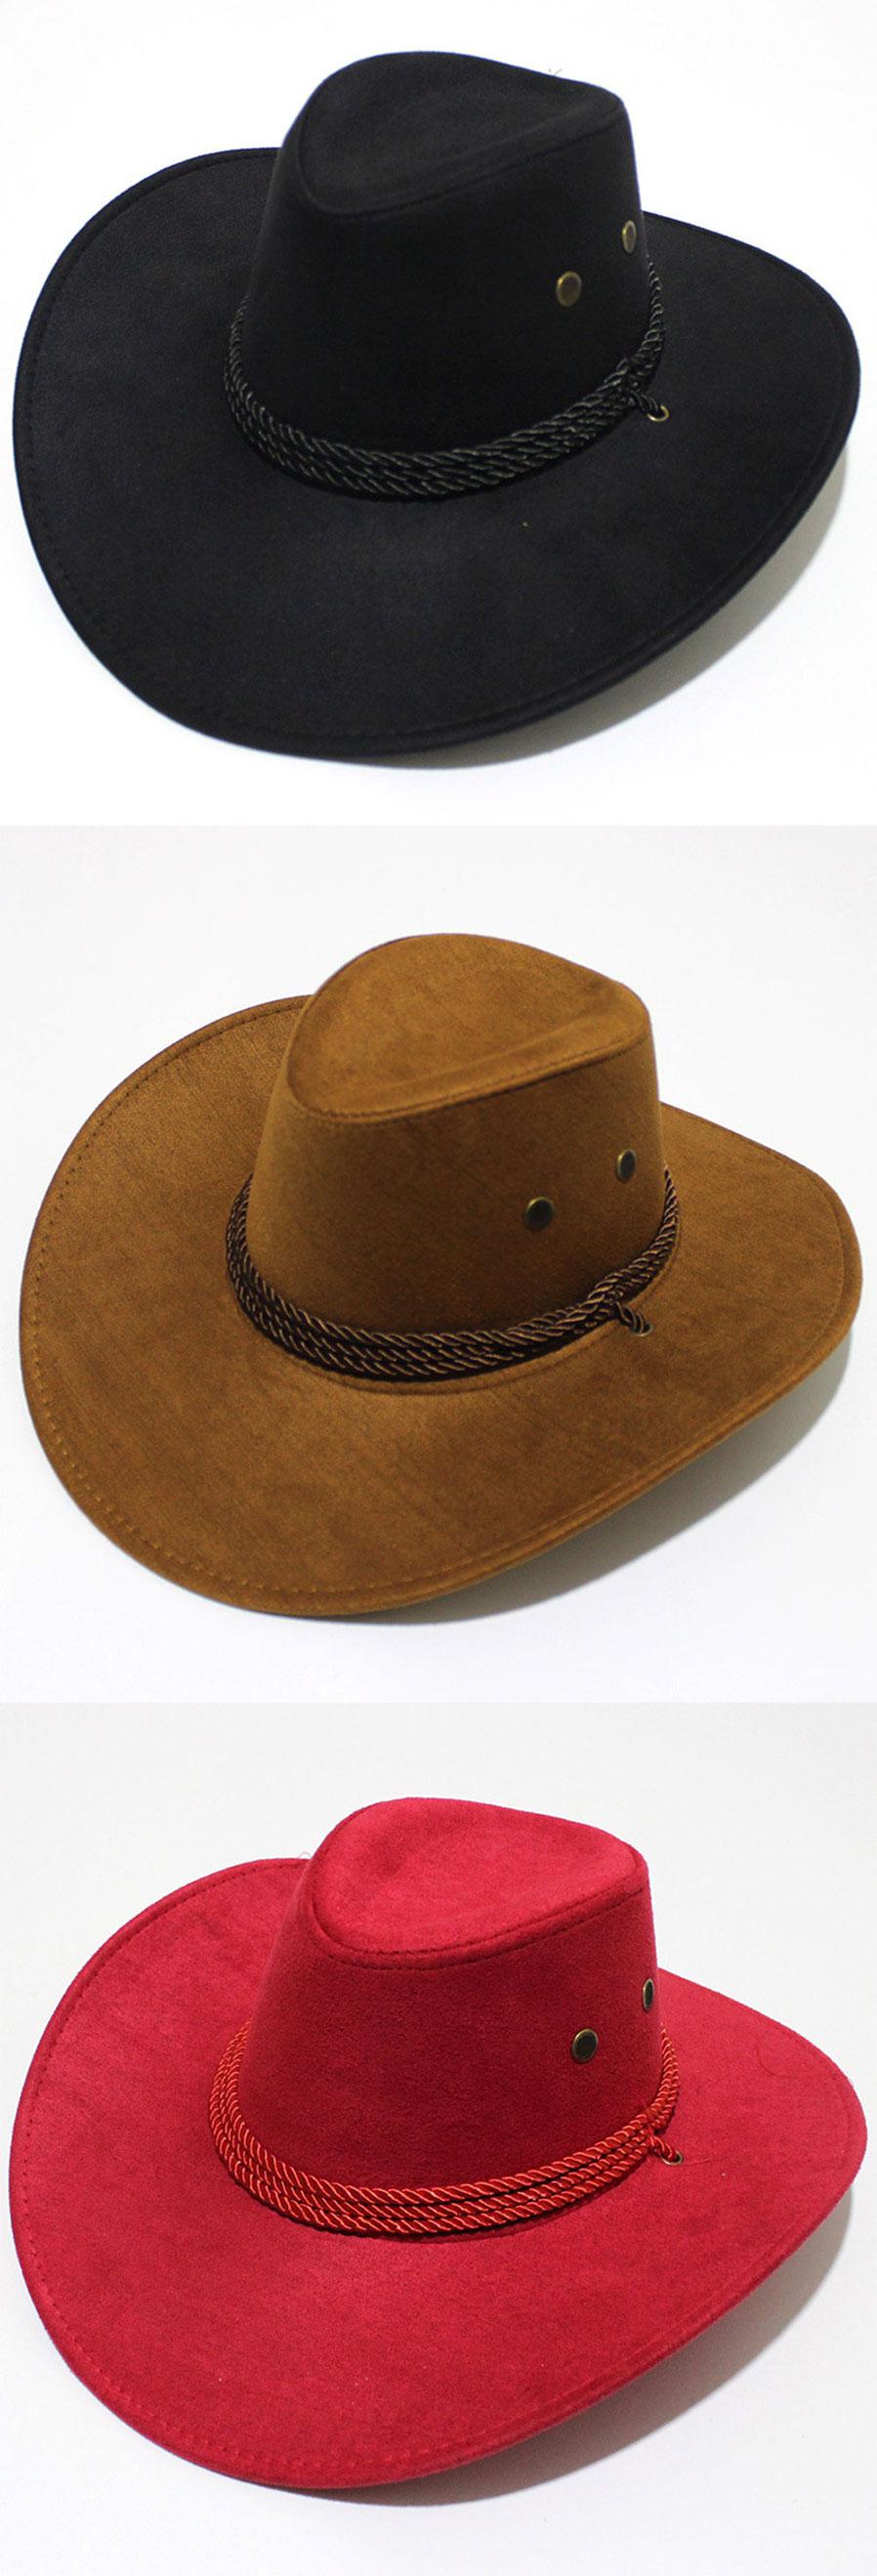 chapéu largo da praia da borda do unisex chapéu de palha flexível do ... c0907185a8e